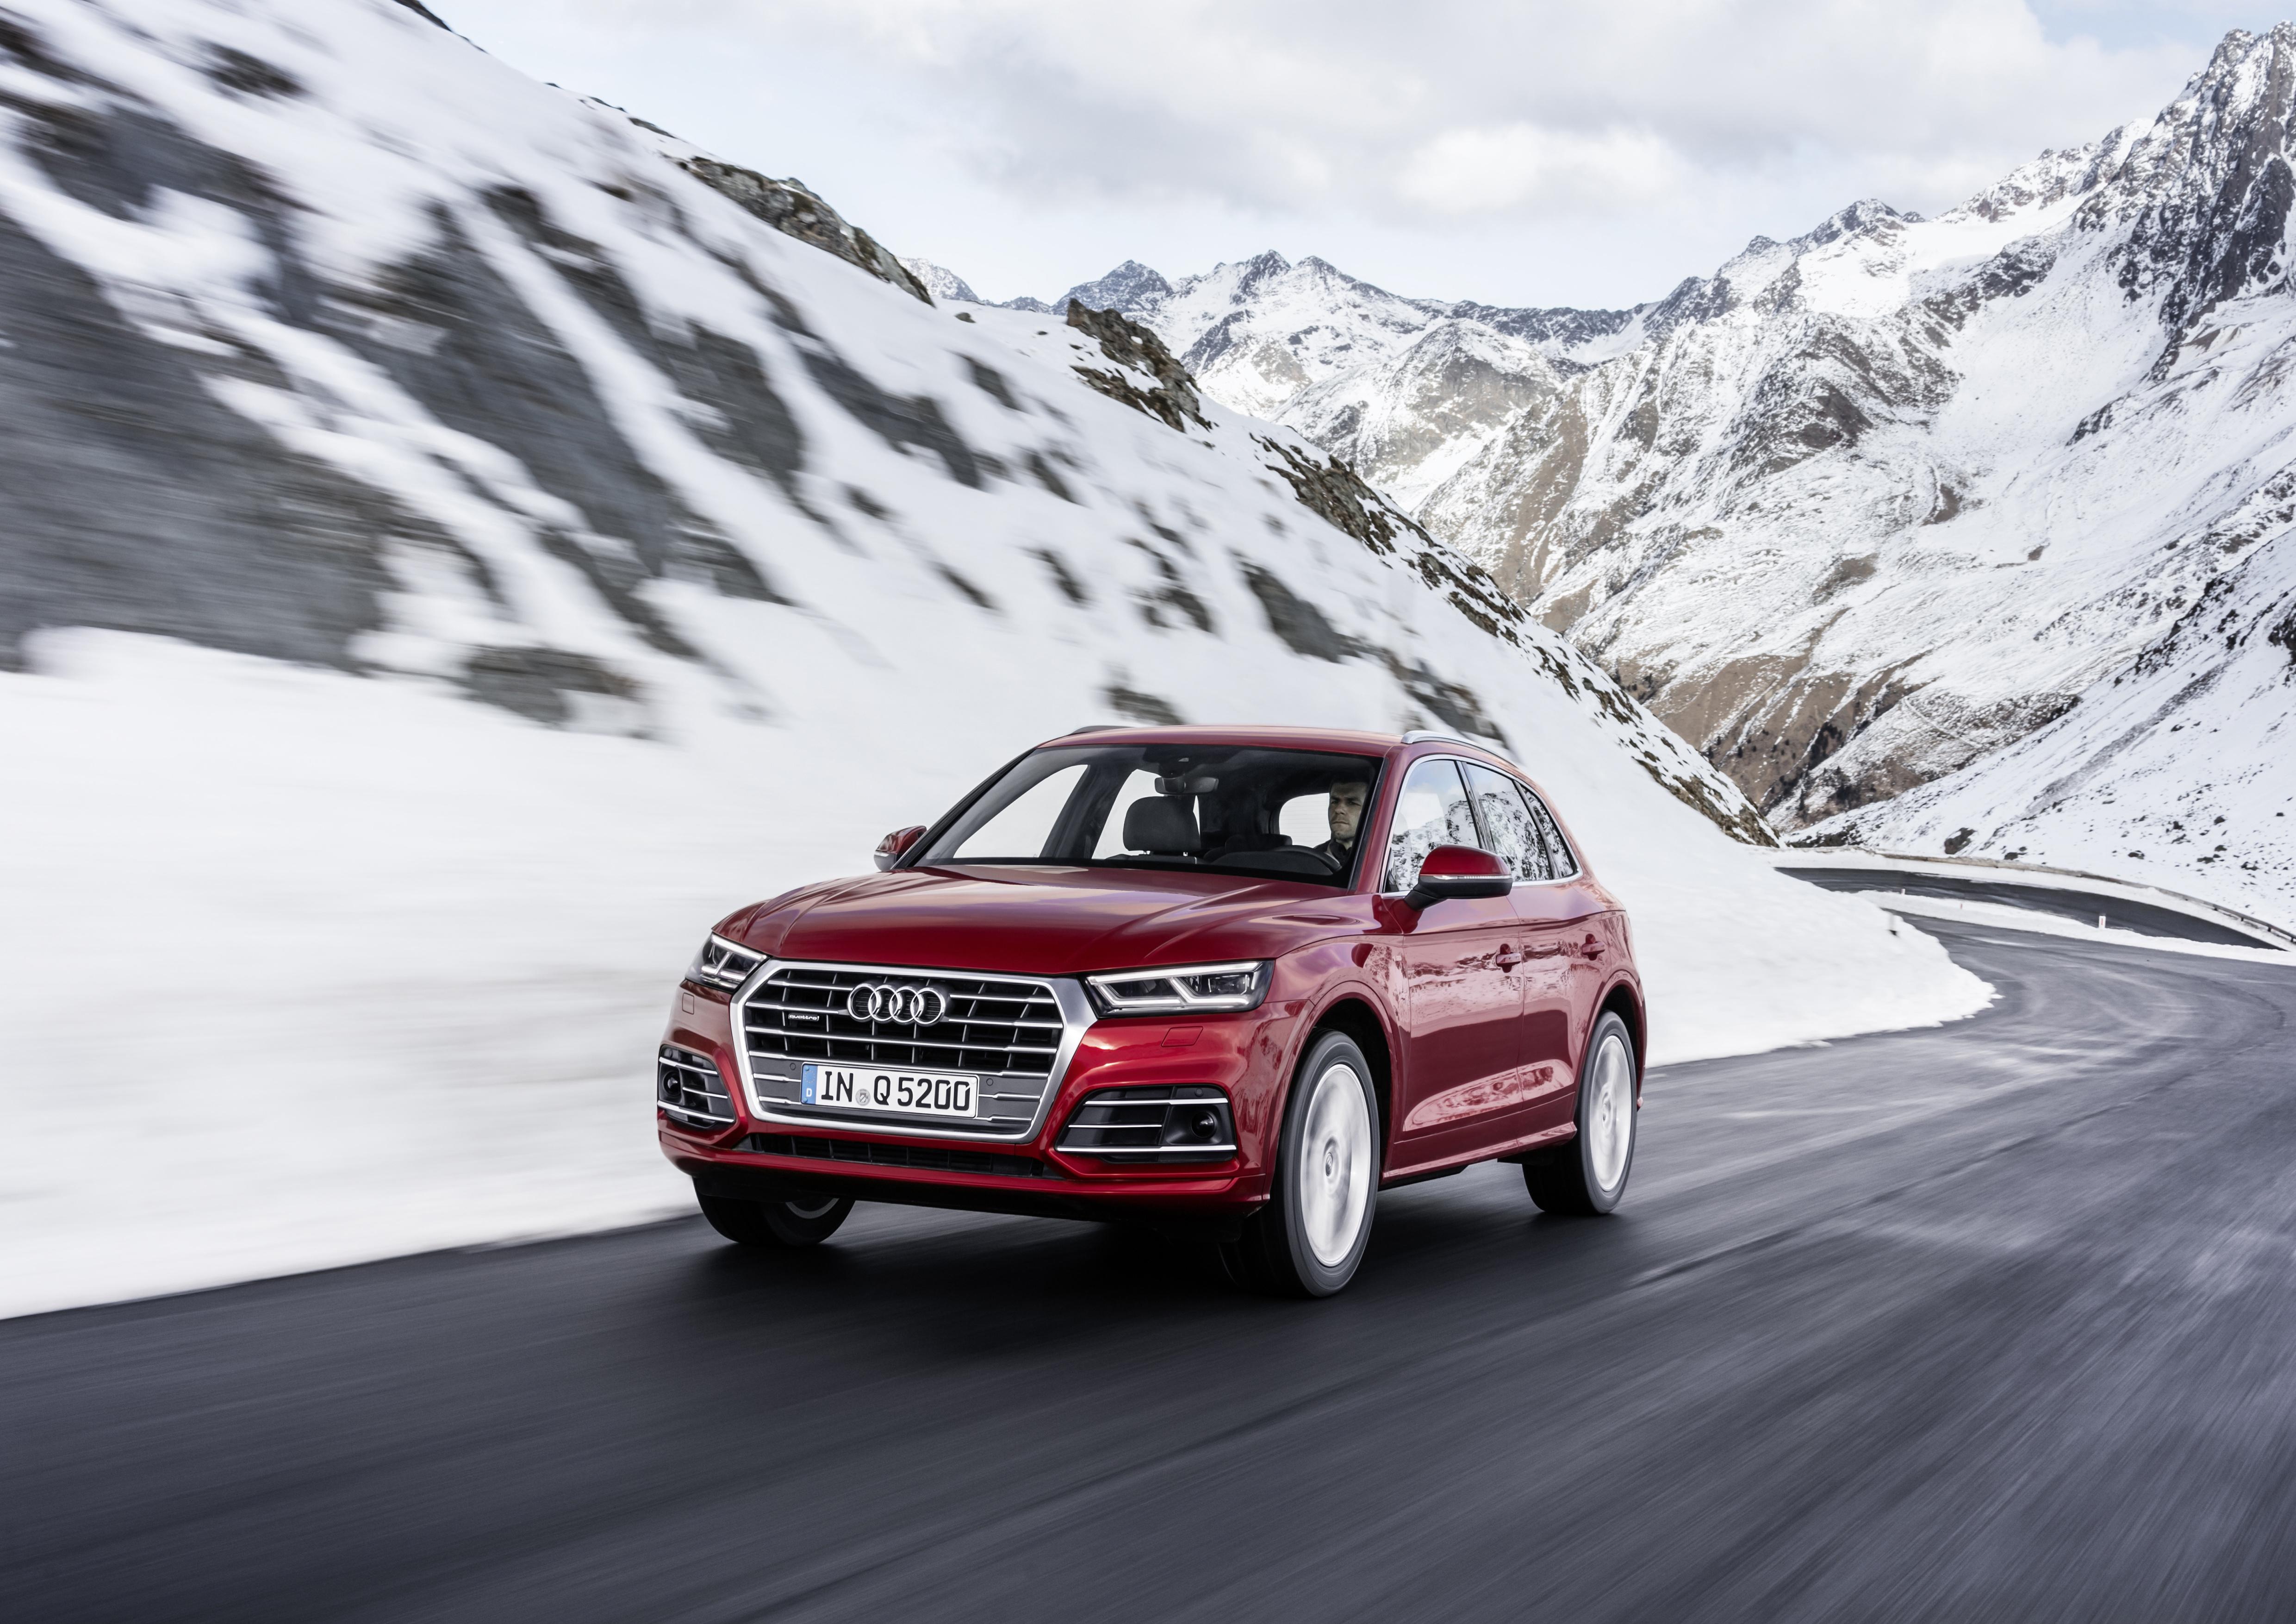 Quattro teknolojili 8 milyonuncu Audi, Q5 2.0 TFSI Oldu